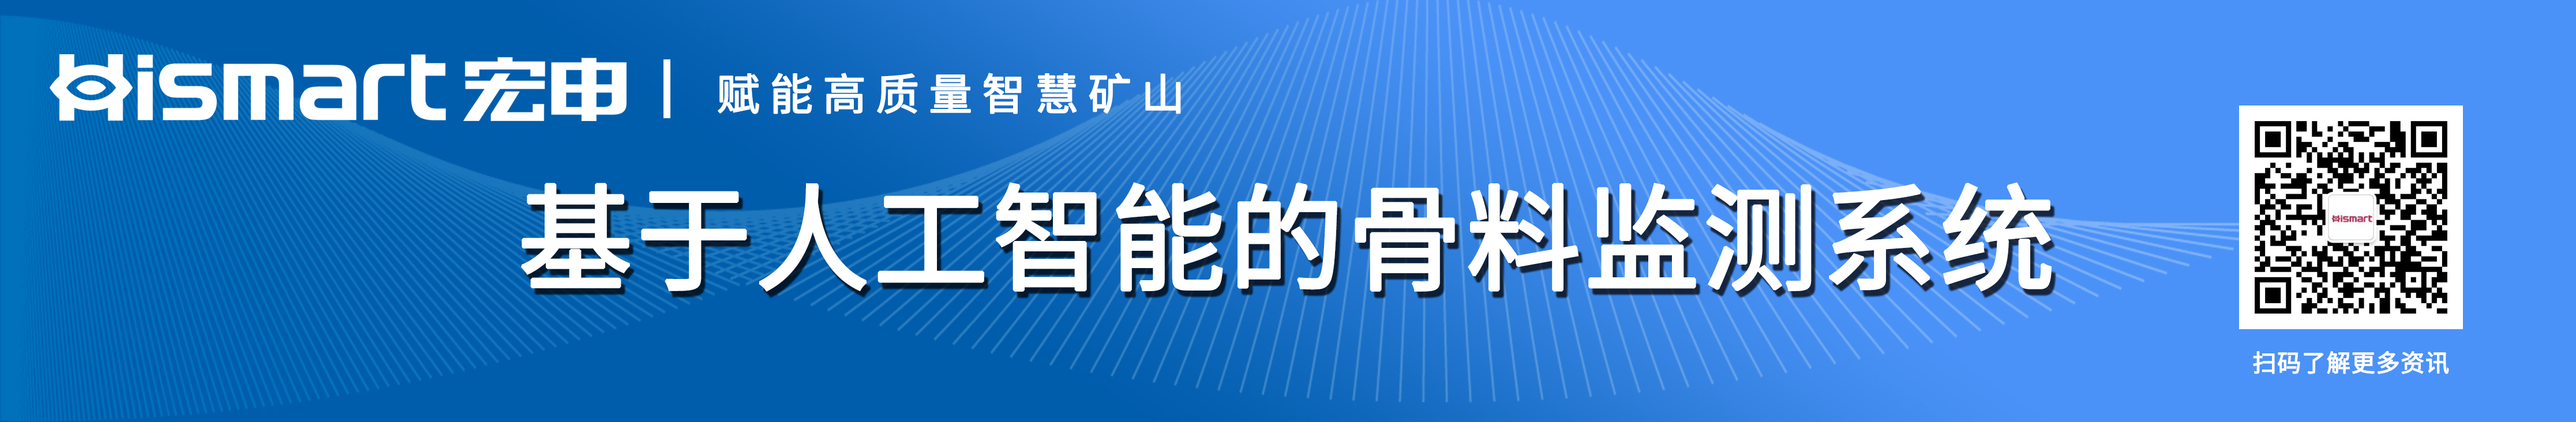 深圳市宏申工业智能有限公司